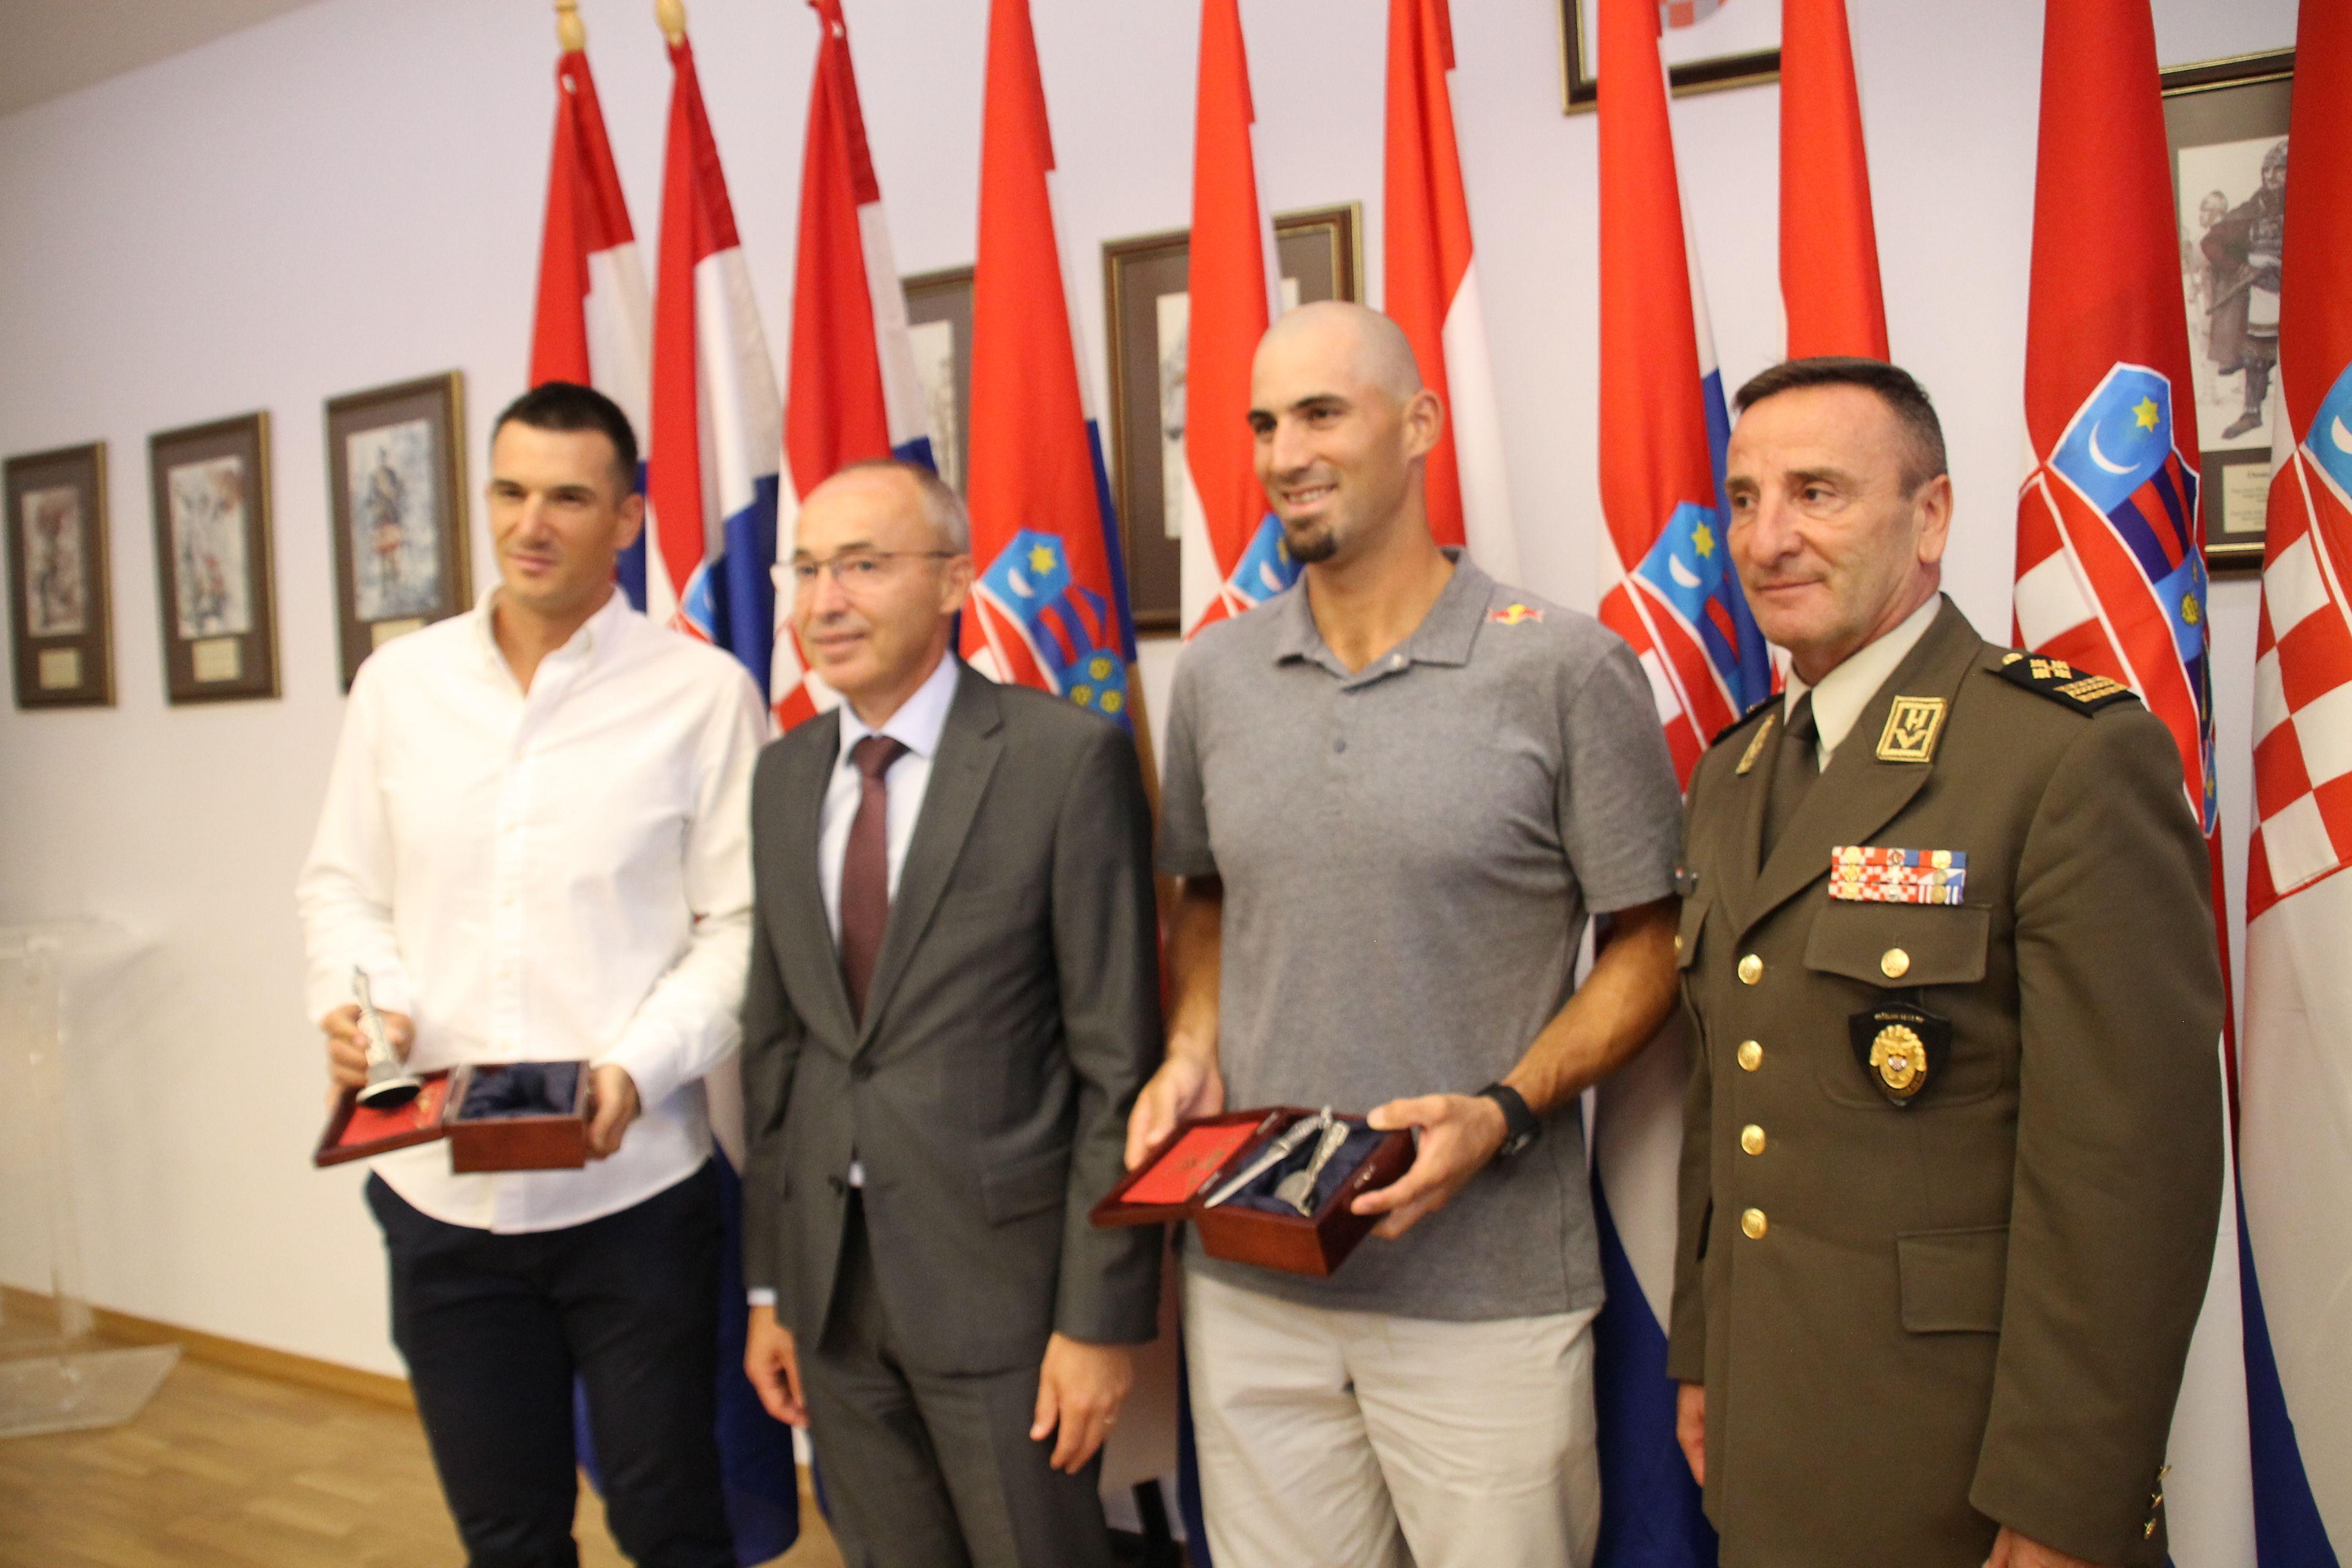 Krstičević i Šundov primili Svjetske prvake braću Sinković: Ponosi smo što ste dio obitelji Hrvatske vojske